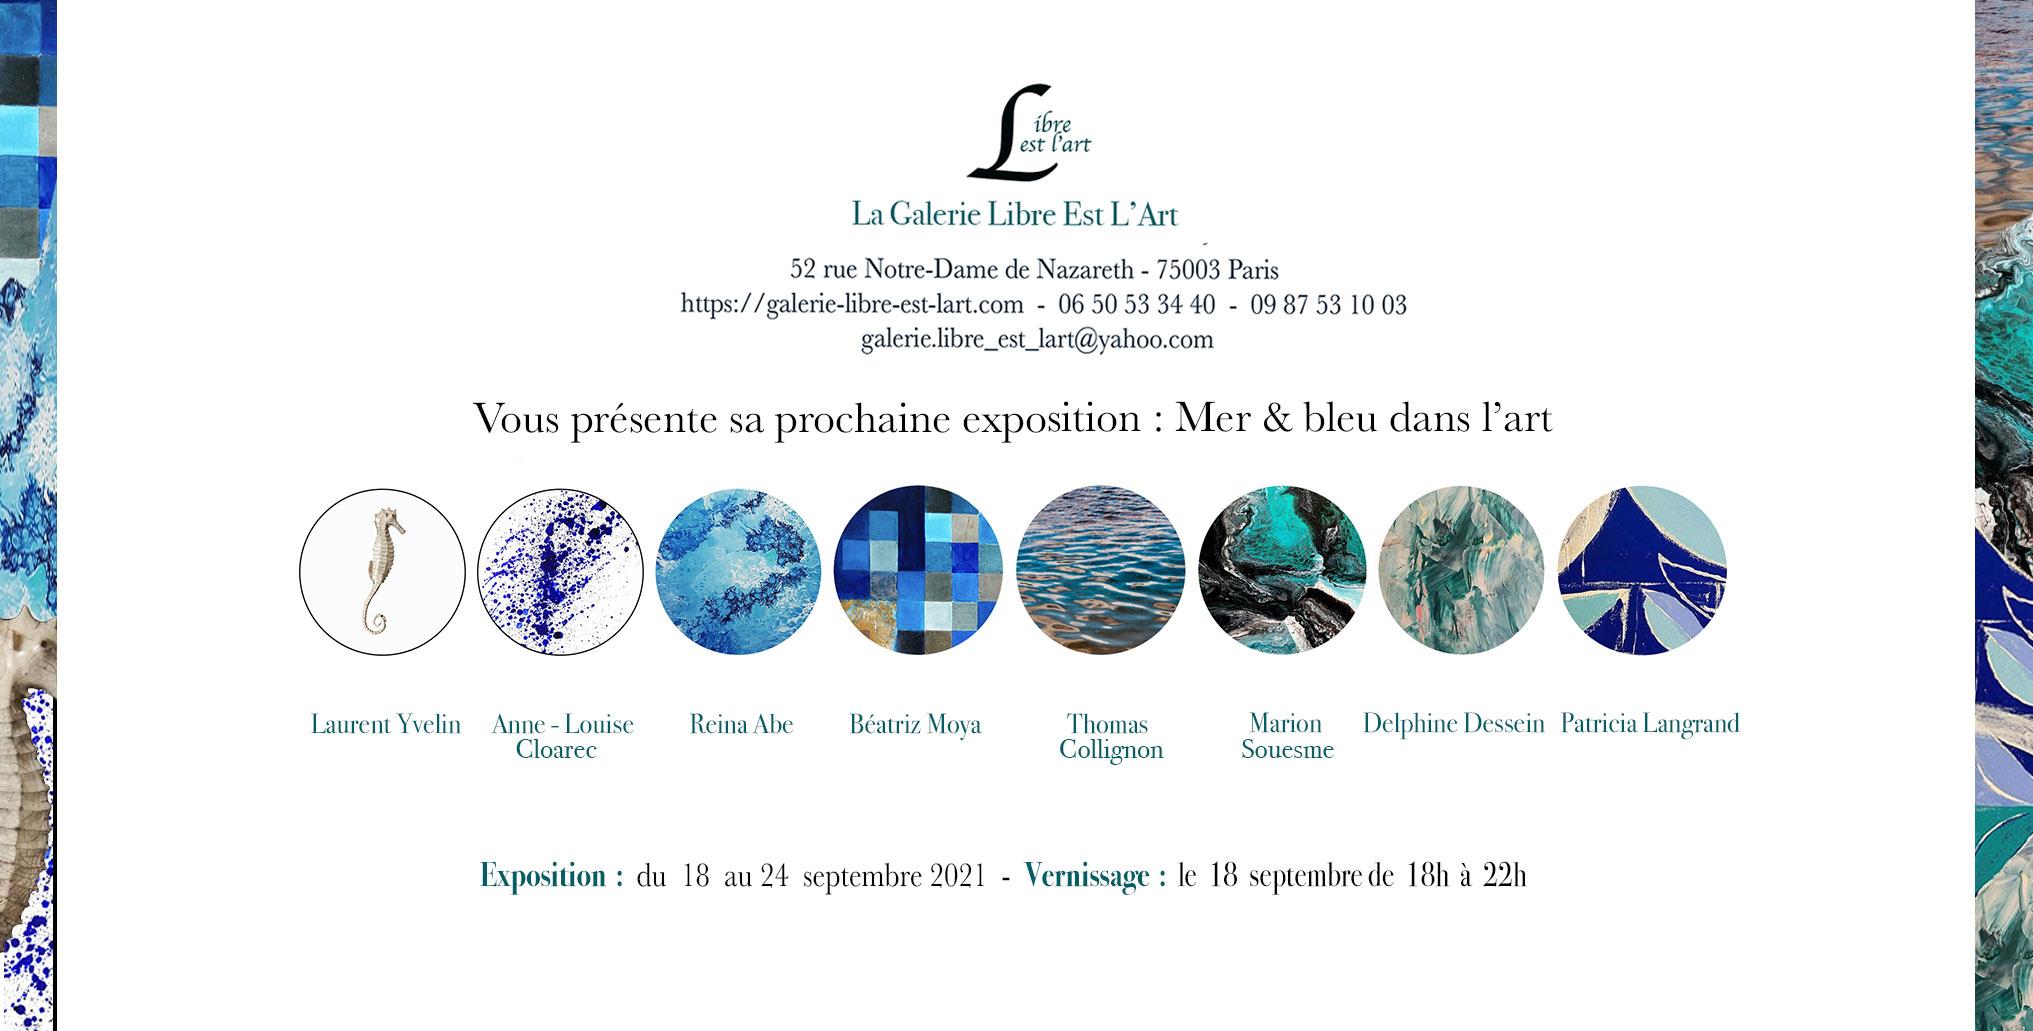 Expo collective bleu dans l'art galerie libre est l'art